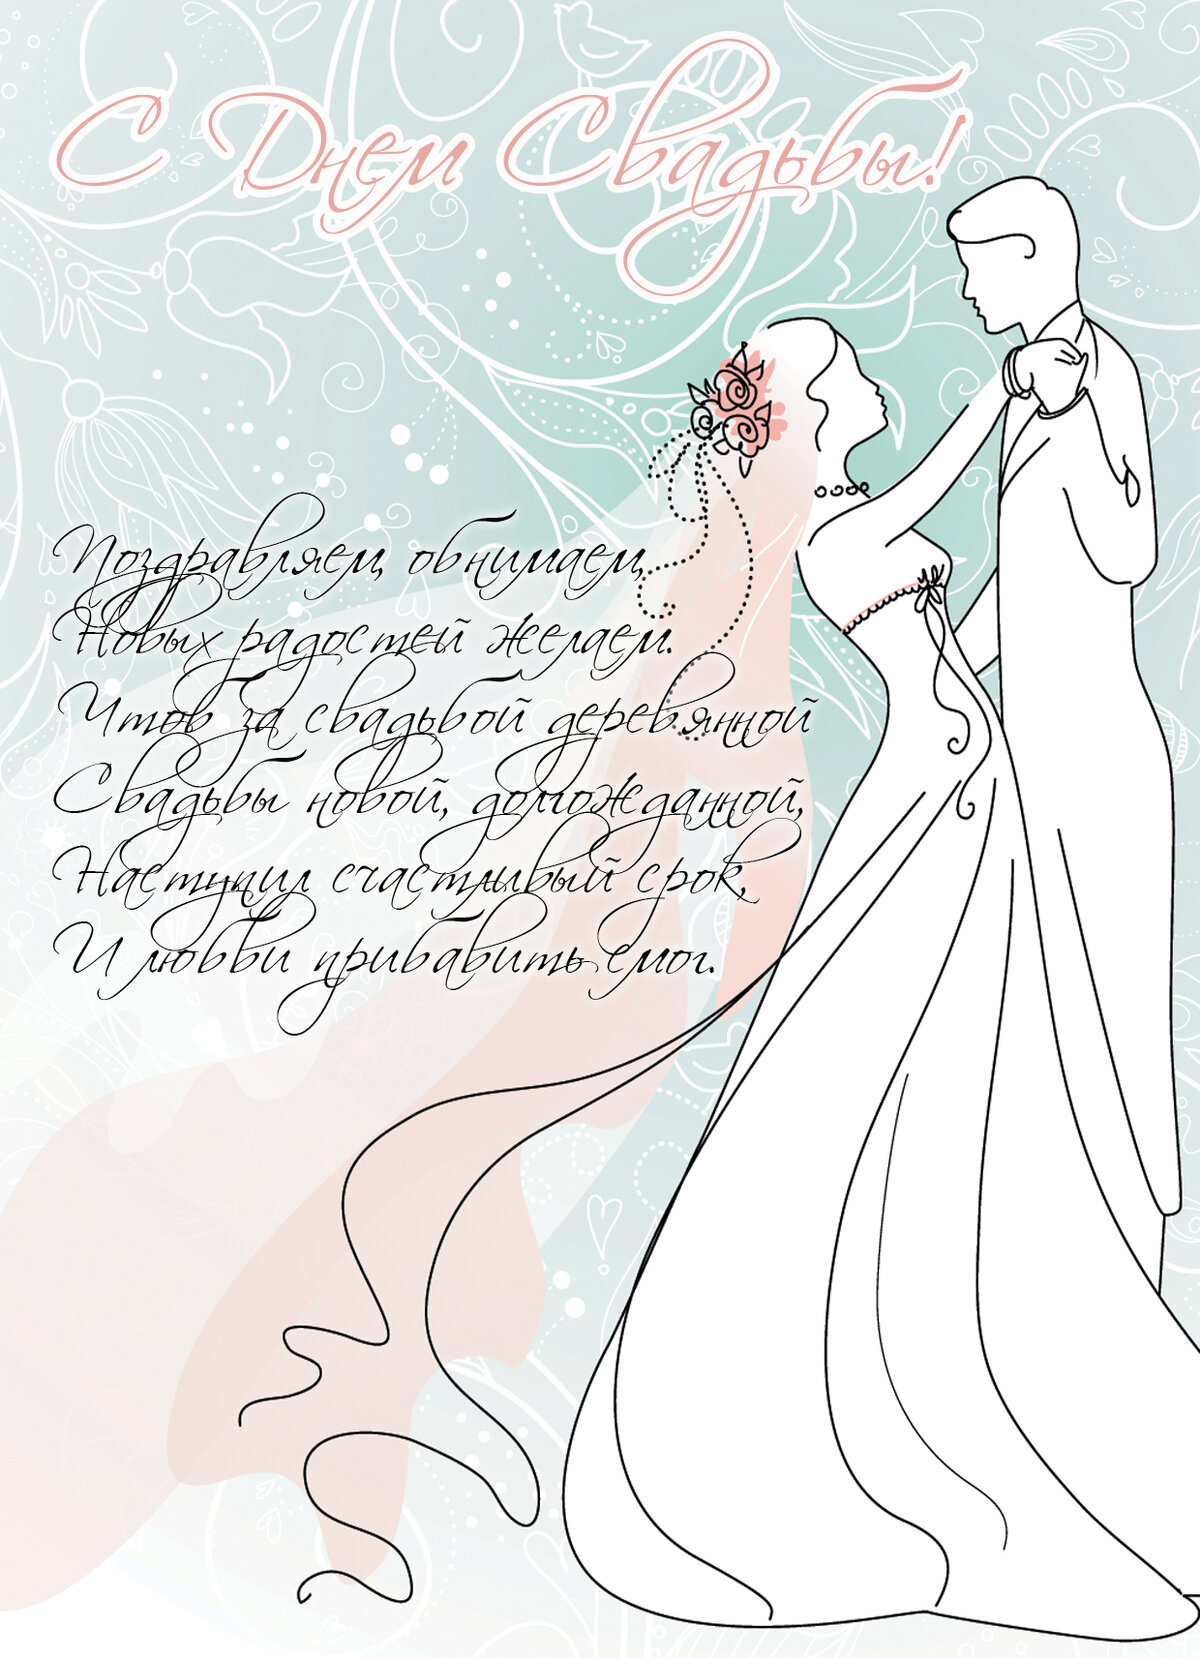 Открытка деда, открытки рисованные с днем свадьбы